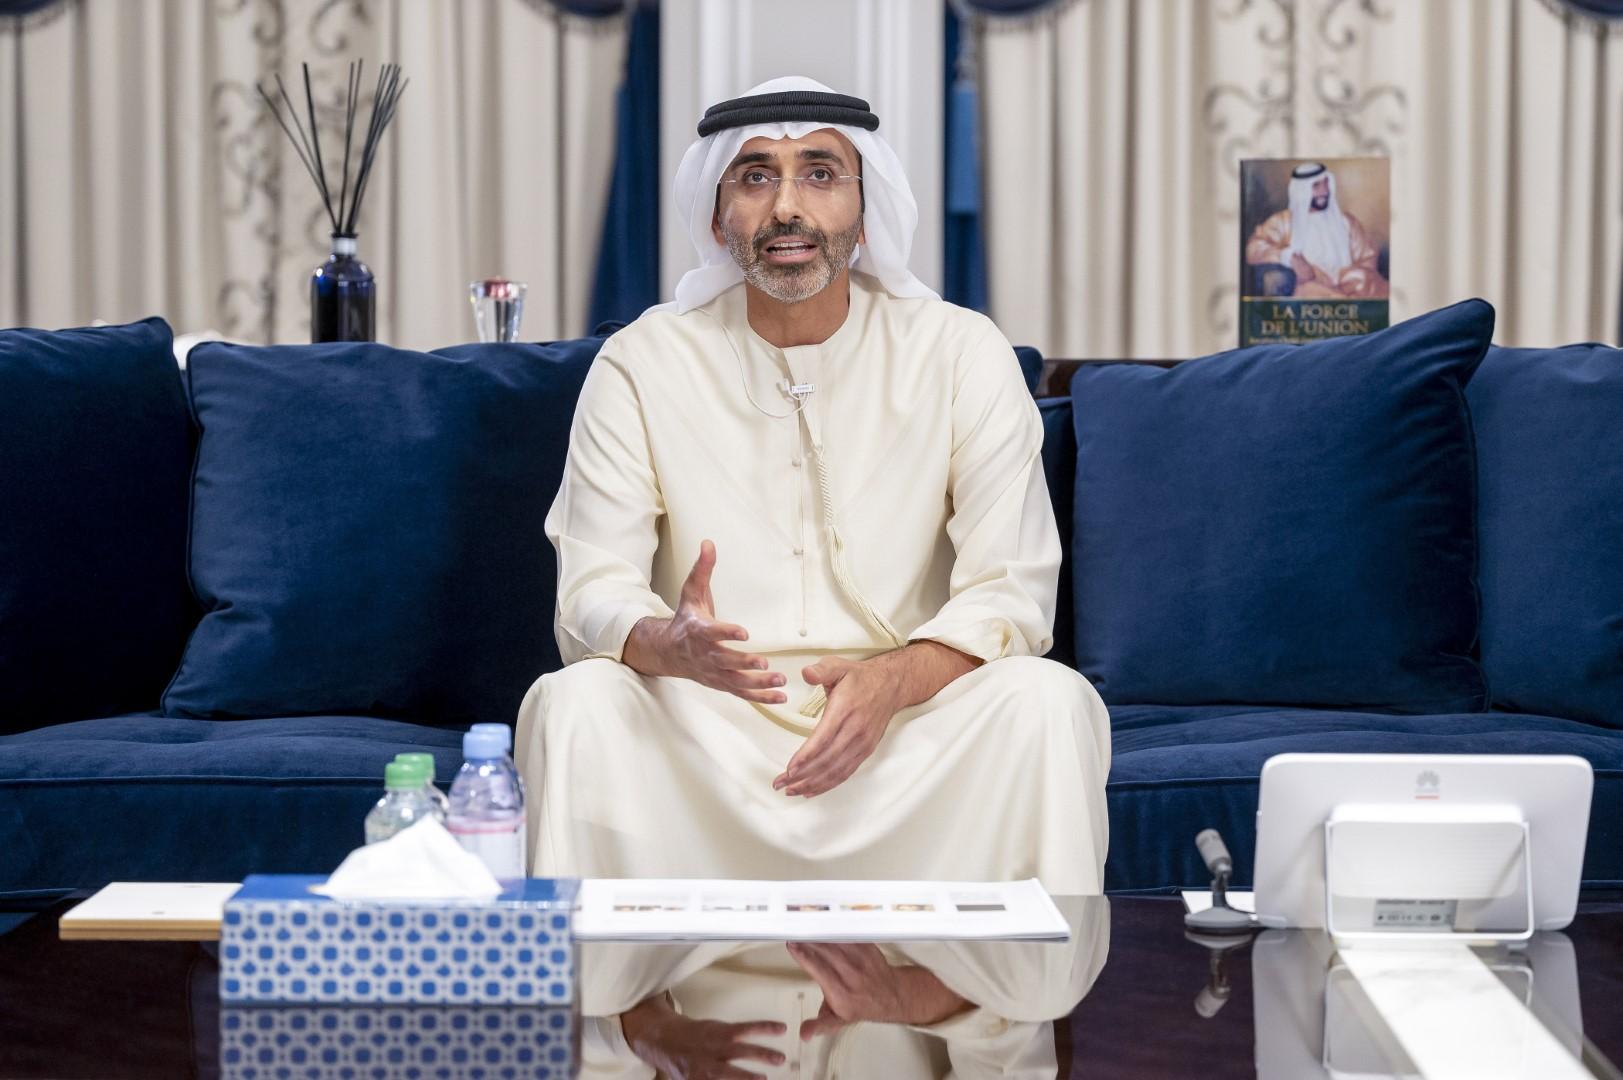 ذياب بن زايد يشهد المحاضرة الثالثة لمجلس محمد بن زايد الرمضاني بعنوان